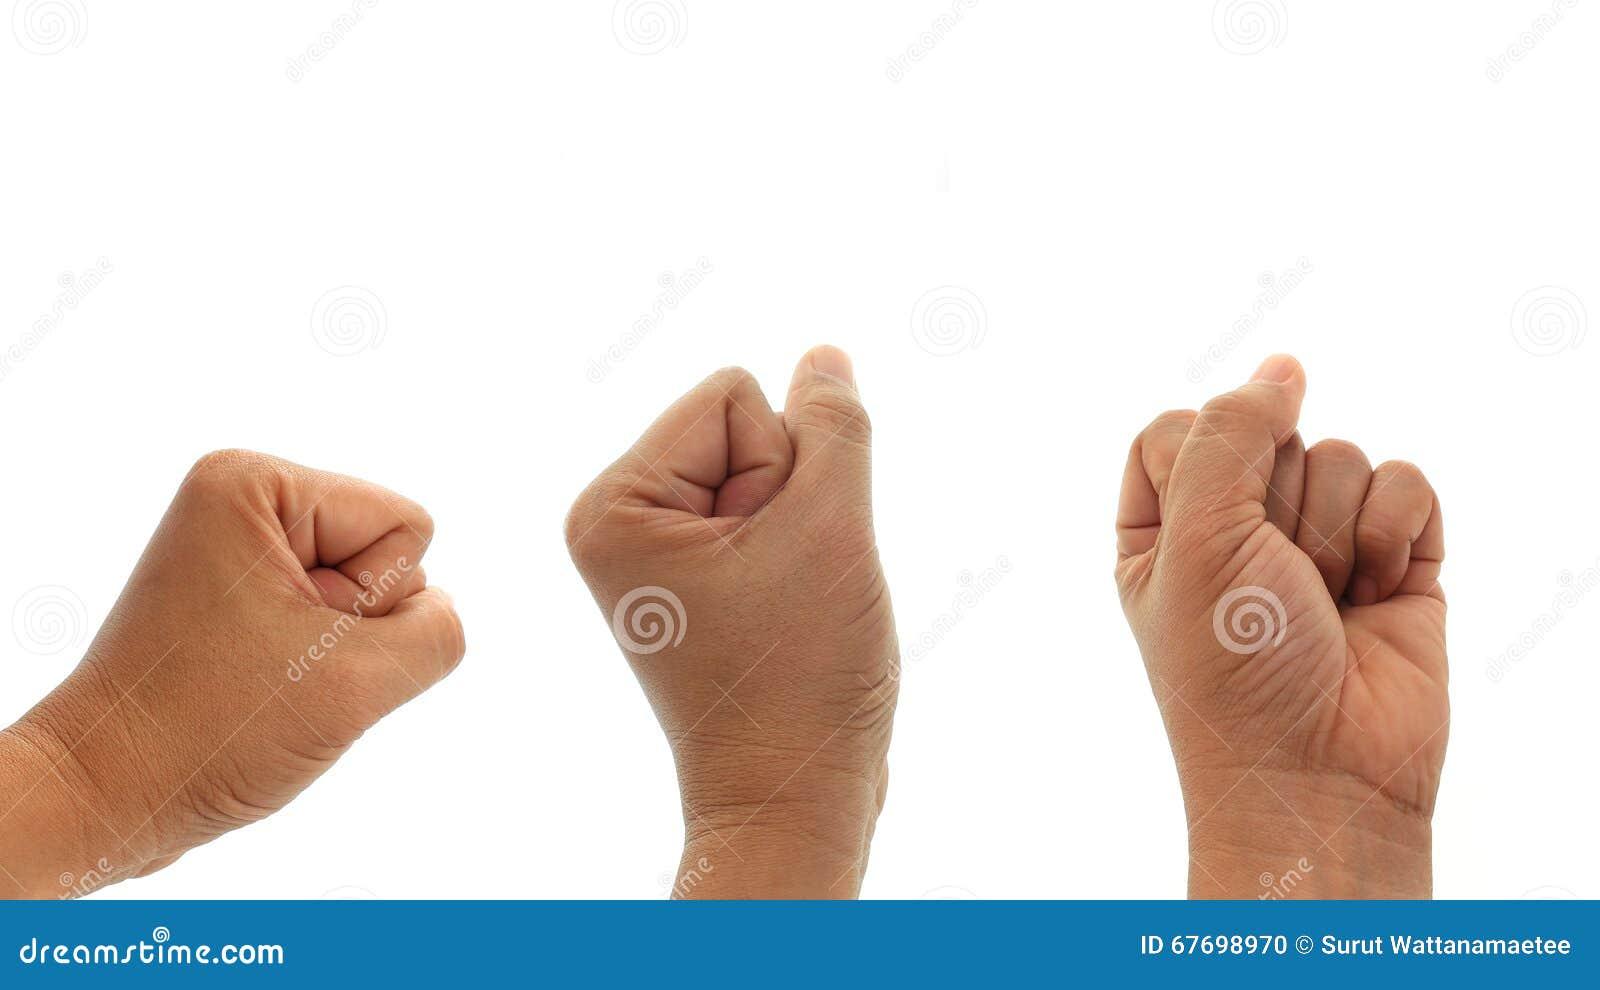 Free fist tgp